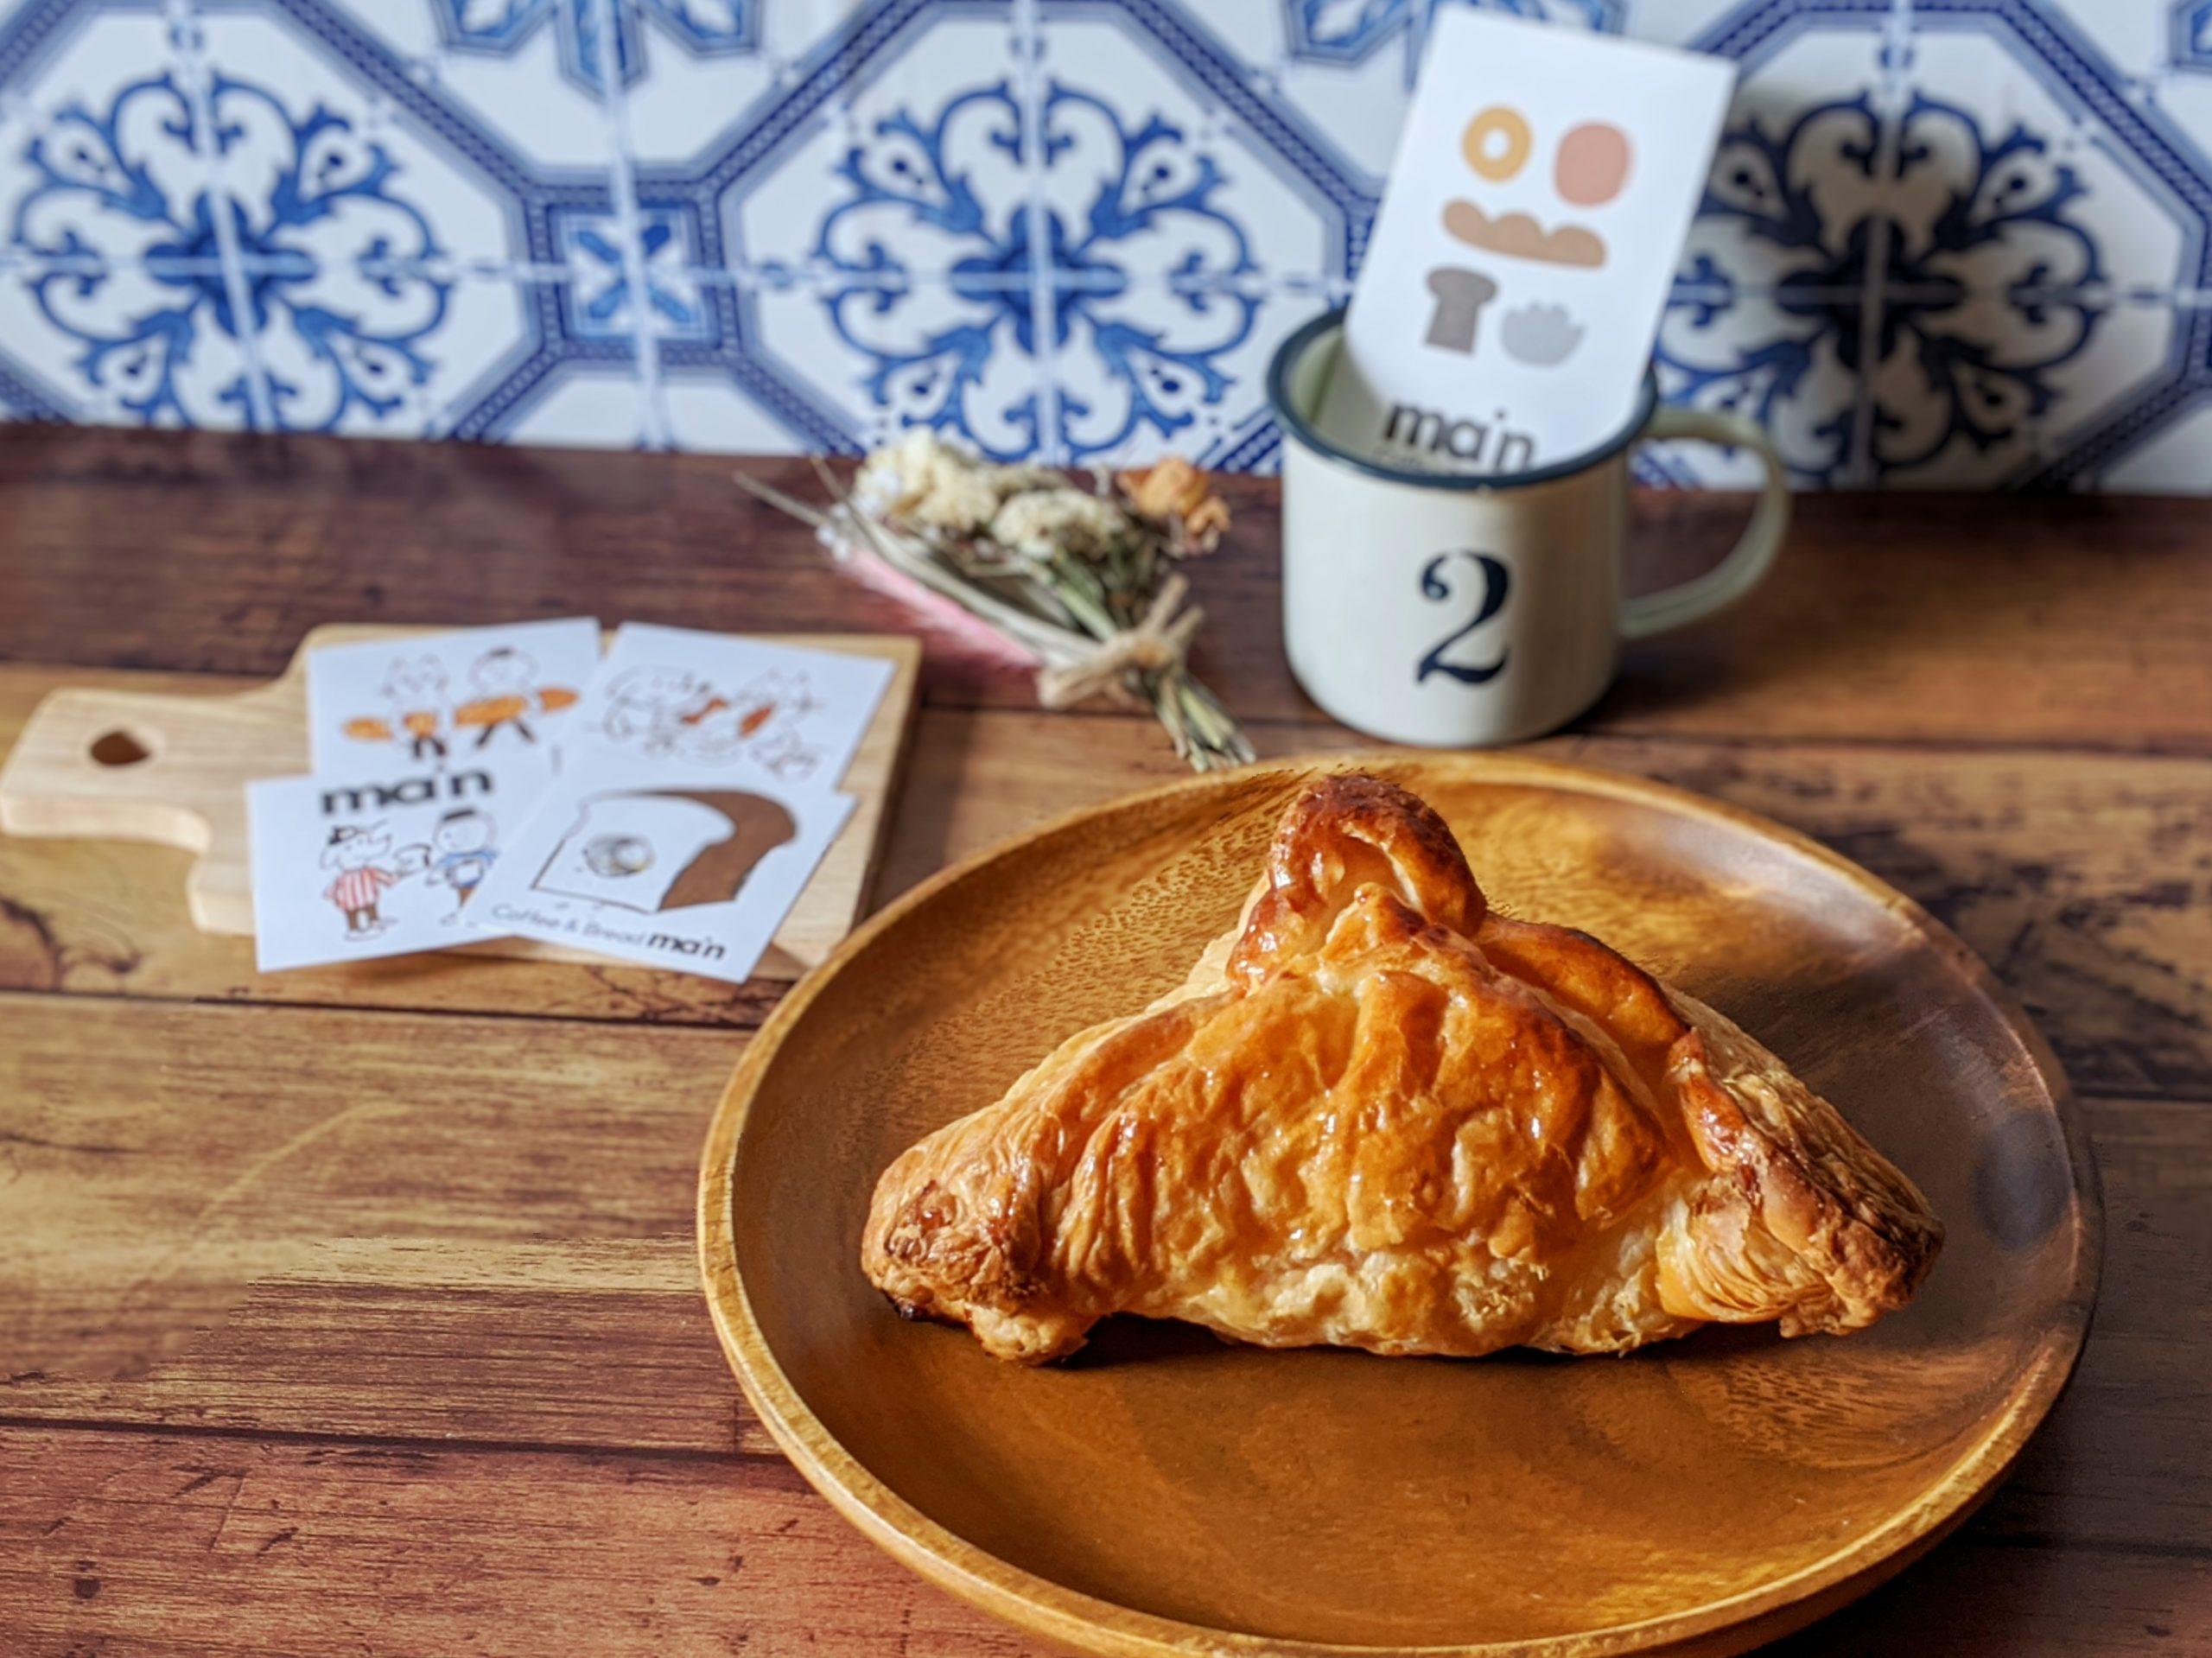 【中崎町】サクサクのアップルパイに心ときめく!ほっこりパン屋さん『コーヒーとパン マイン』